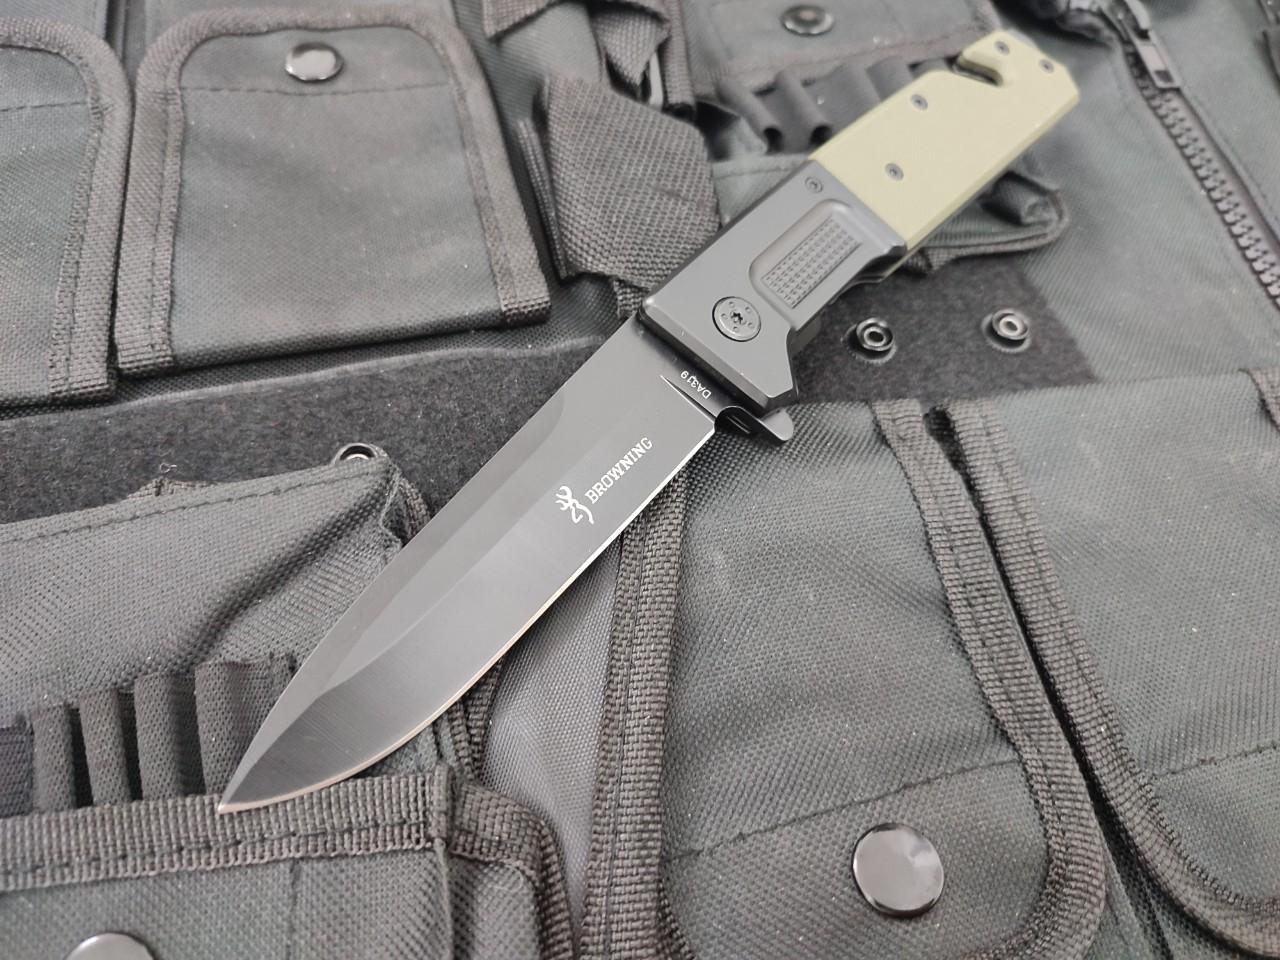 dao xếp Browning USA cao cấp 26cm